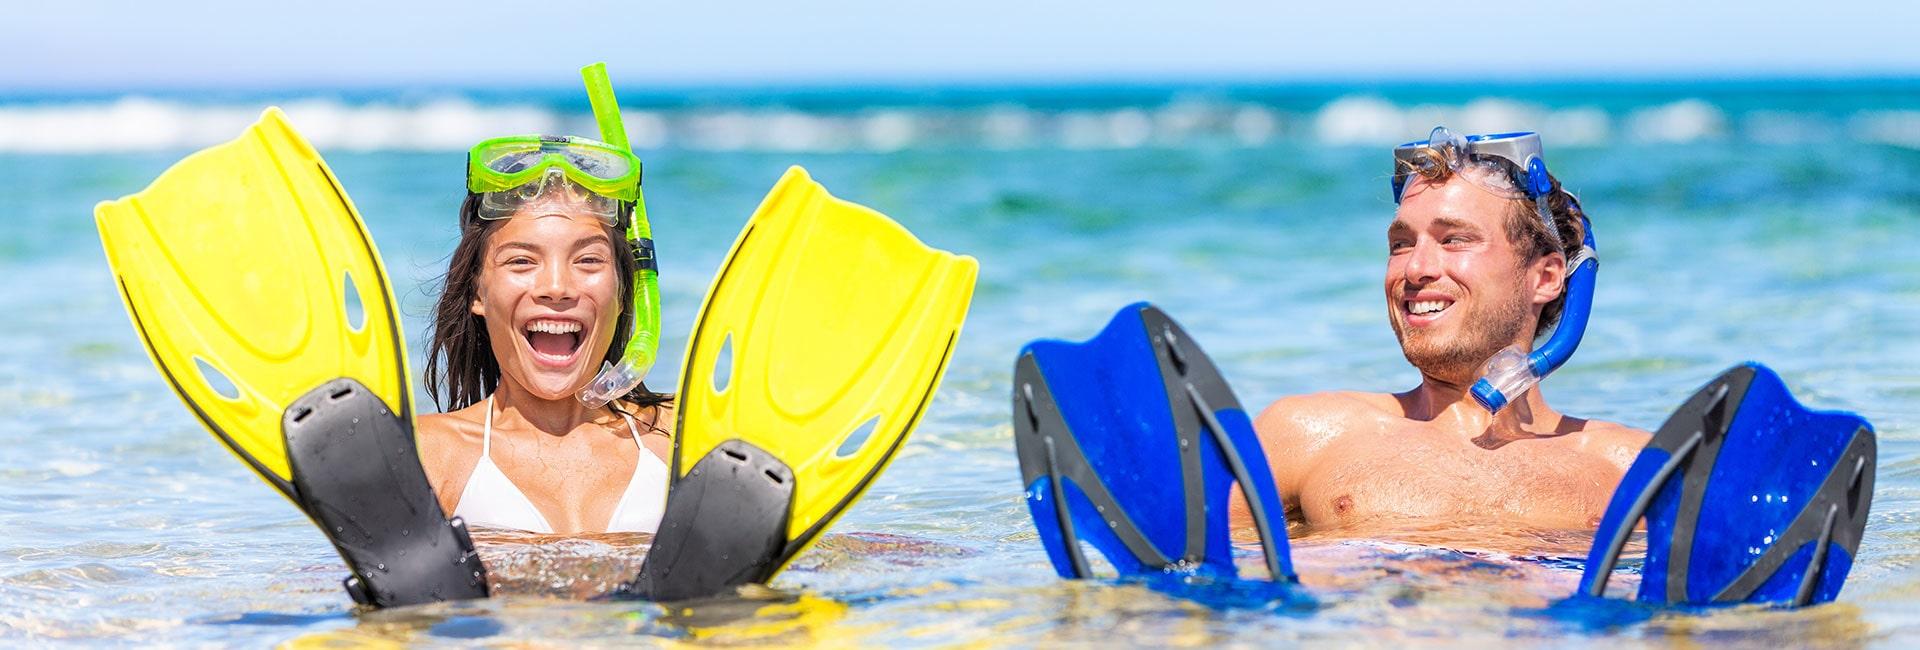 Los Cabos Water Activities